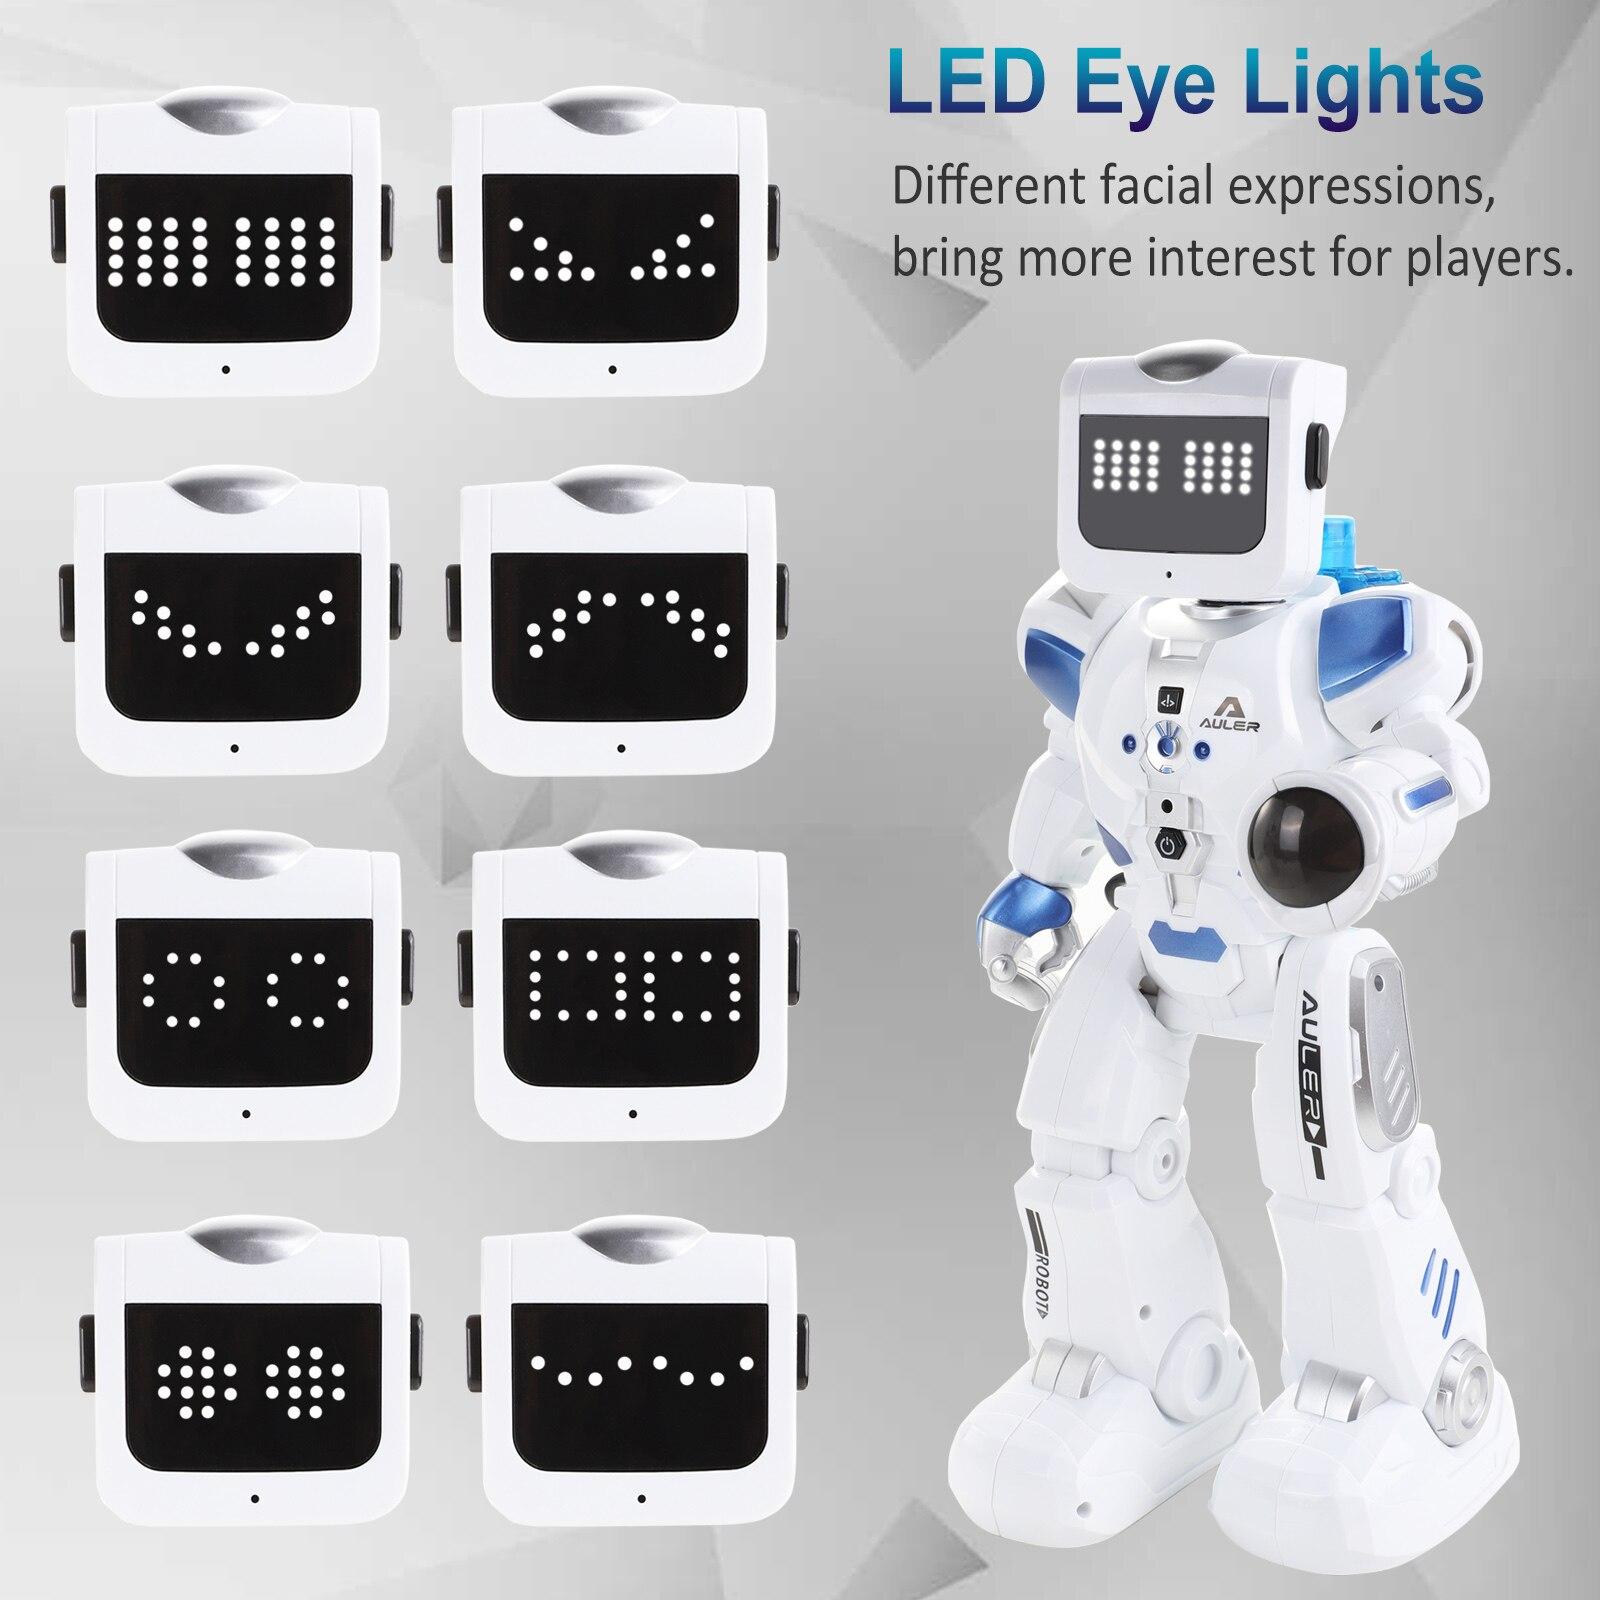 Inteligente robô alfa brinquedo hydroelectric híbrido robô inteligente rc controle de som cantando dança robô brinquedos educativos das crianças - 5